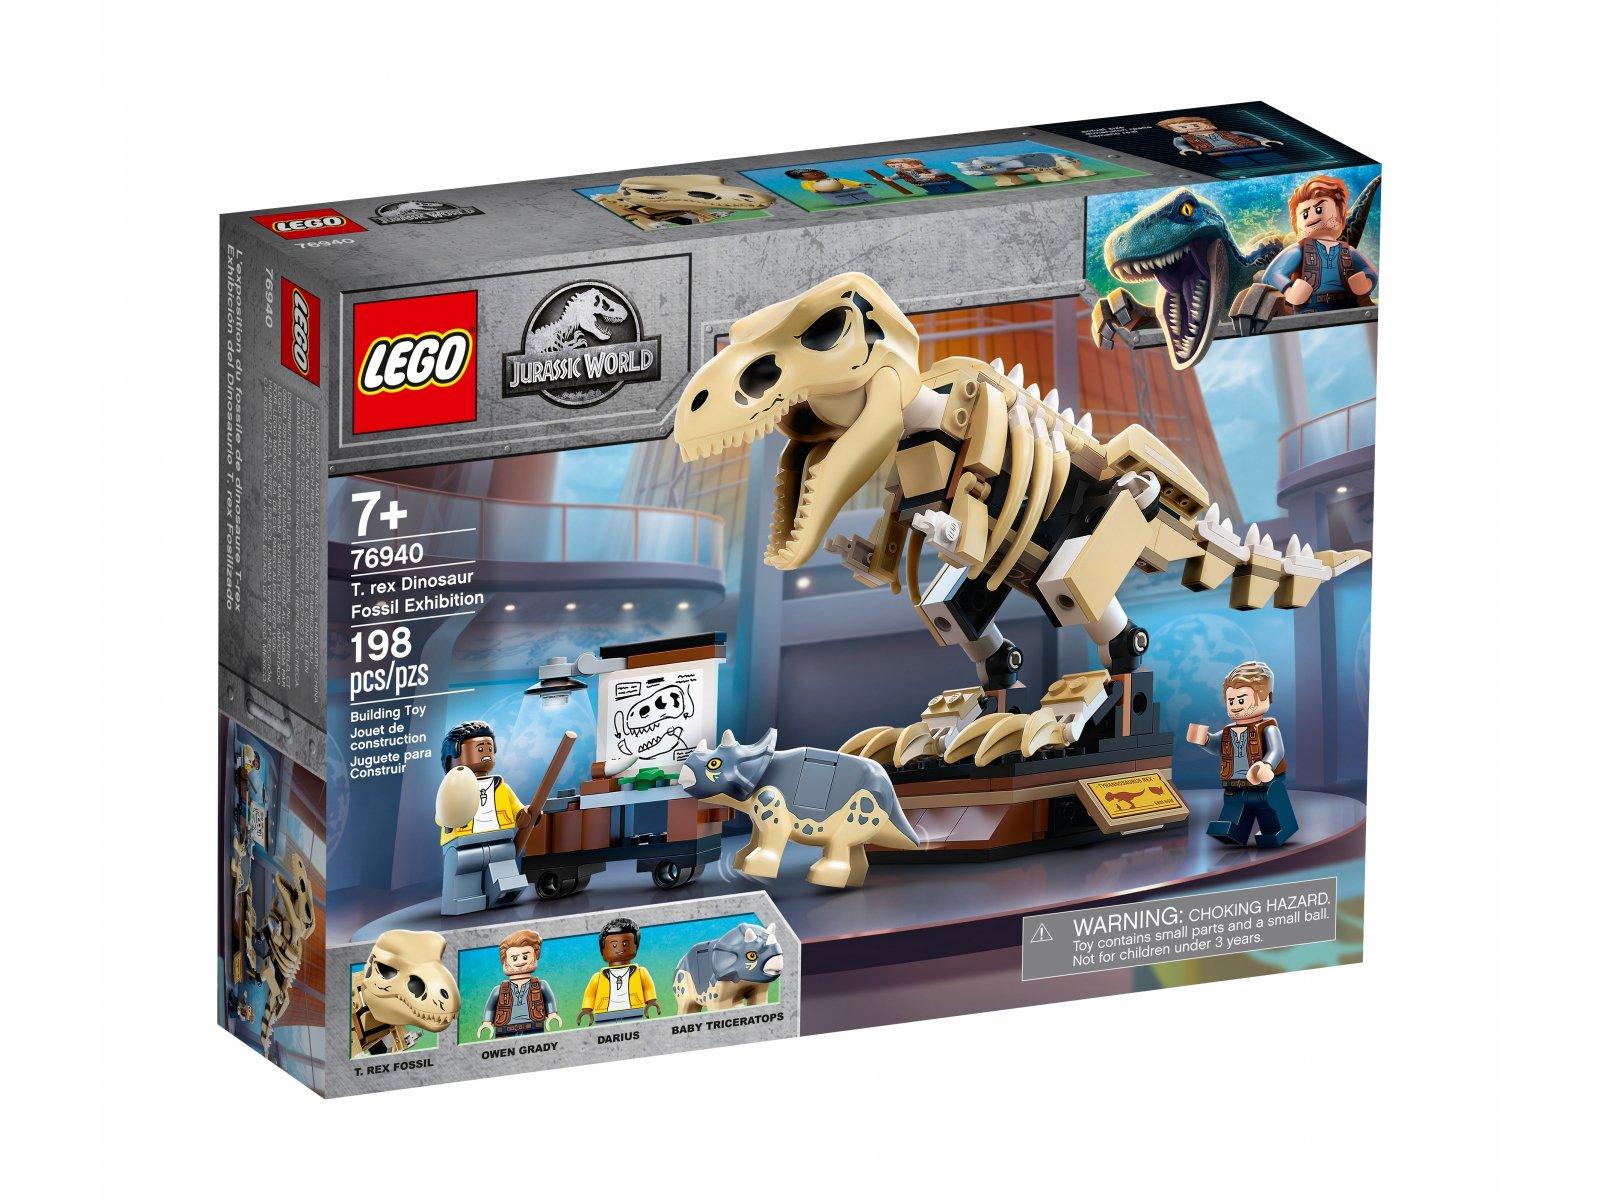 LEGO Jurassic World Wystawa skamieniałości tyranozaura 76940